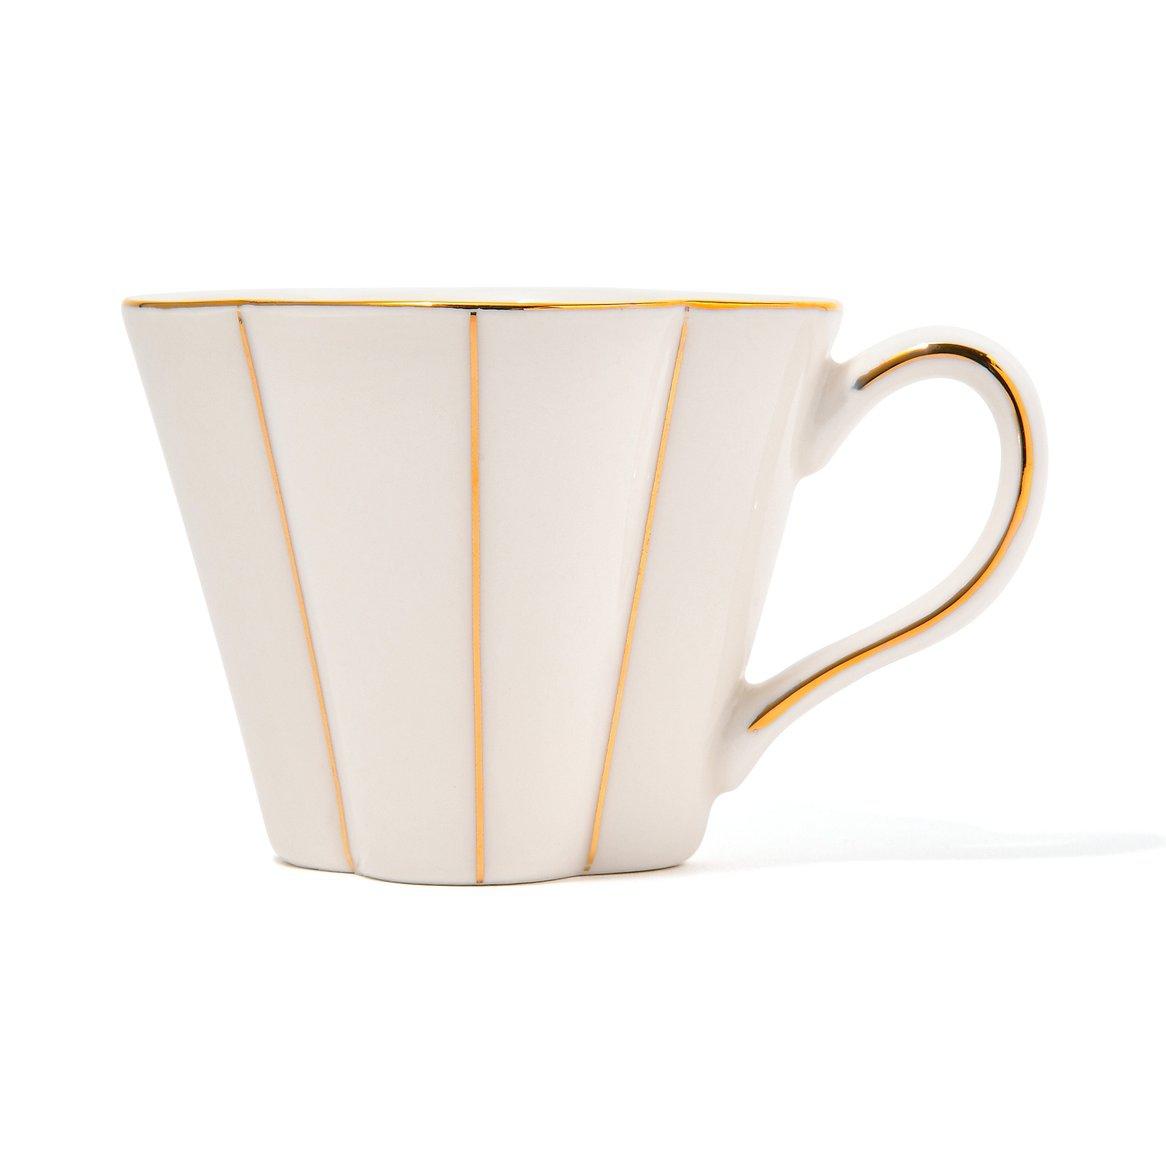 Francfranc(フランフラン) おうちカフェセット 2 personsの商品画像24